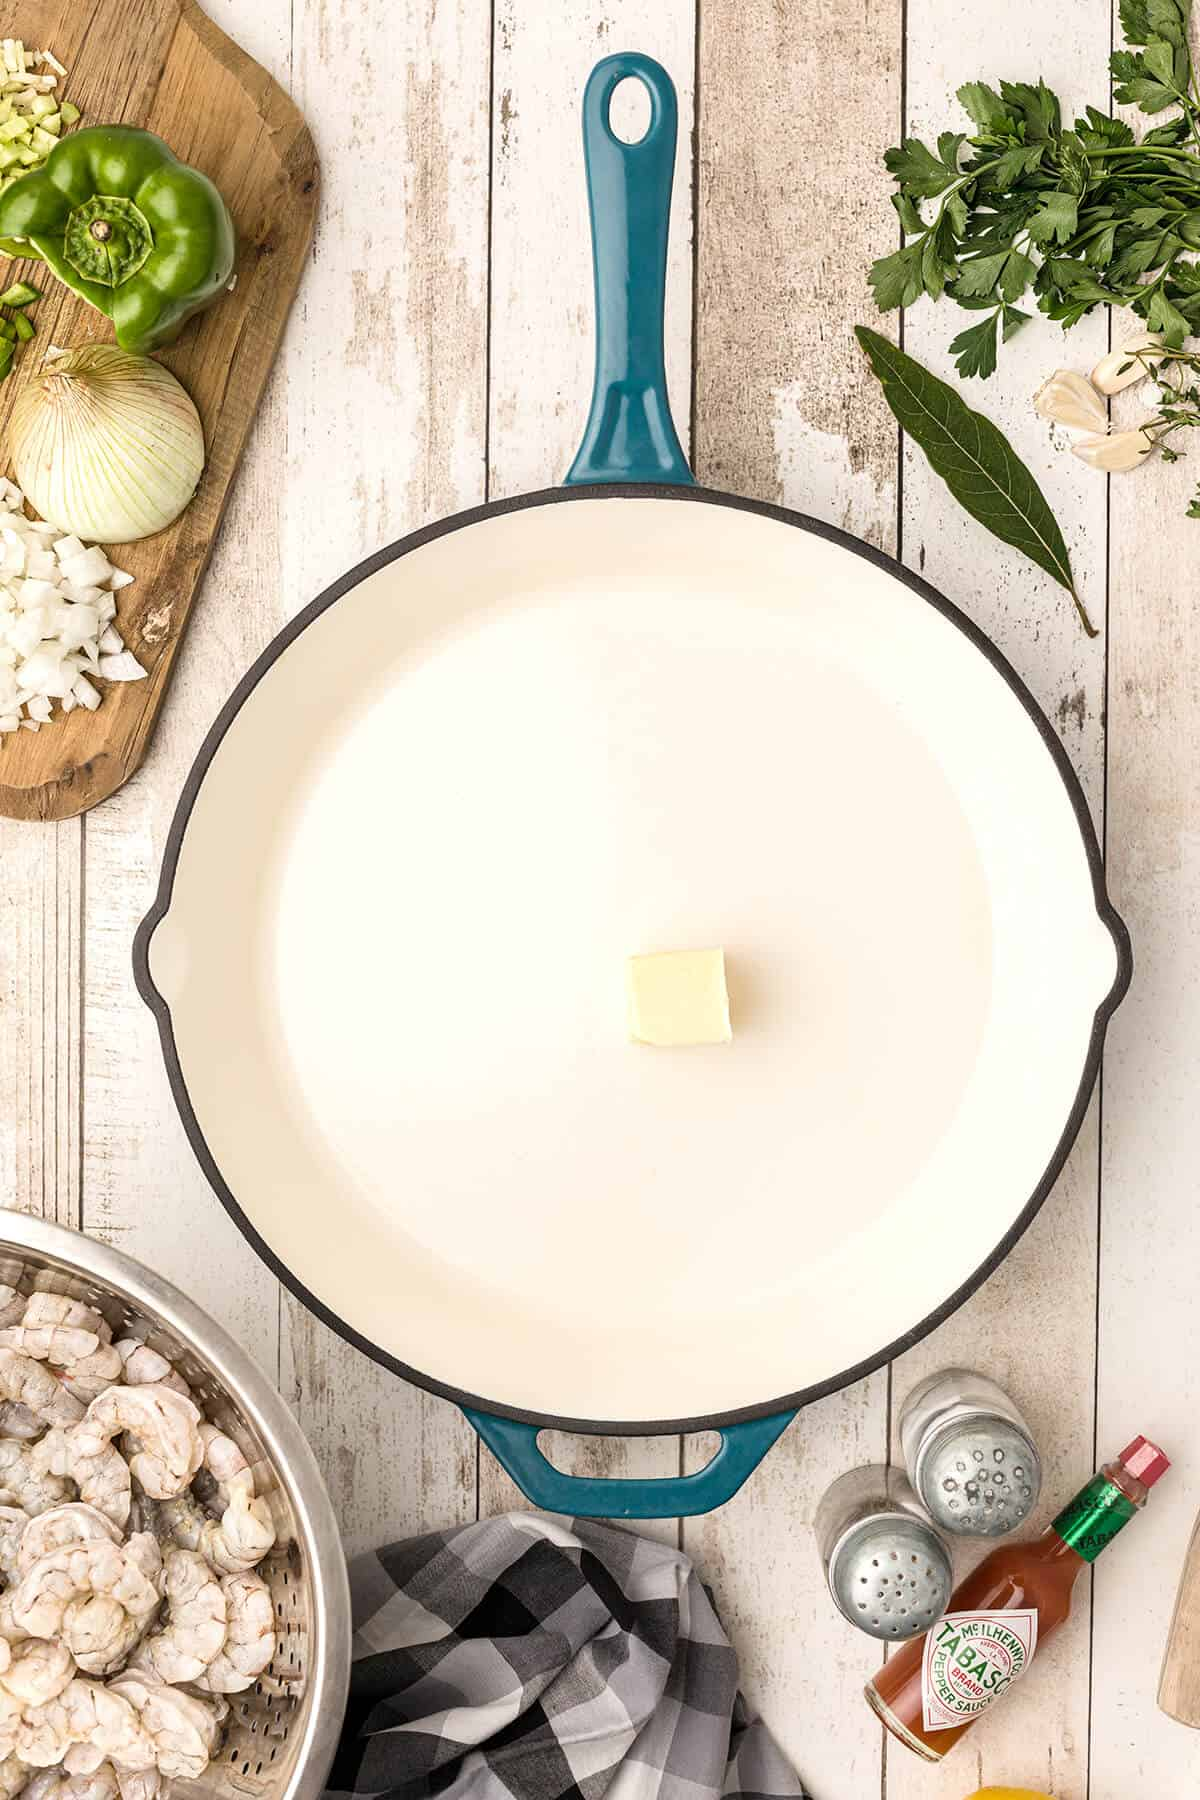 Butter melting in a skillet.